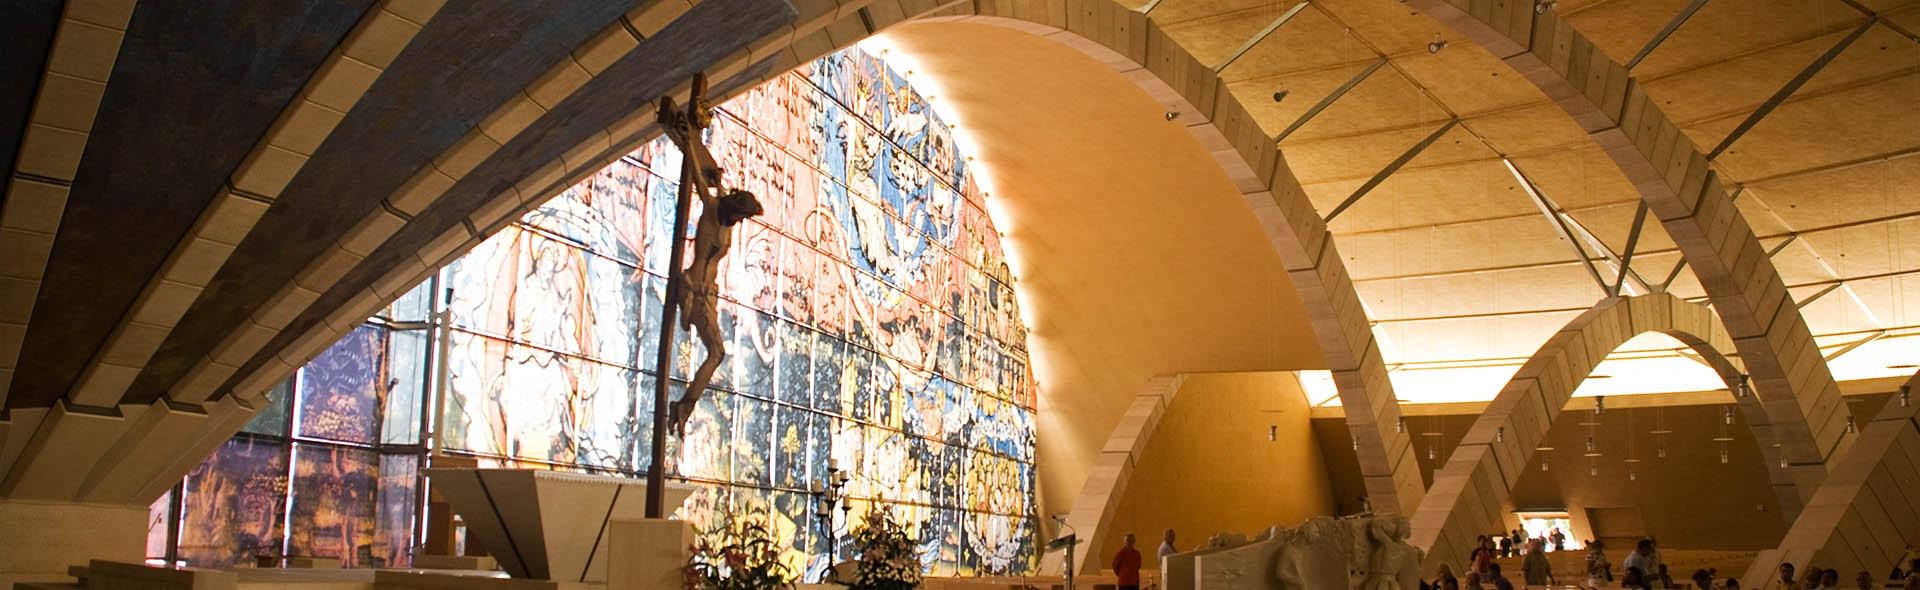 Pellegrinaggio Padre Pio dalla Sicilia Calabria in Pullman 25 Aprile